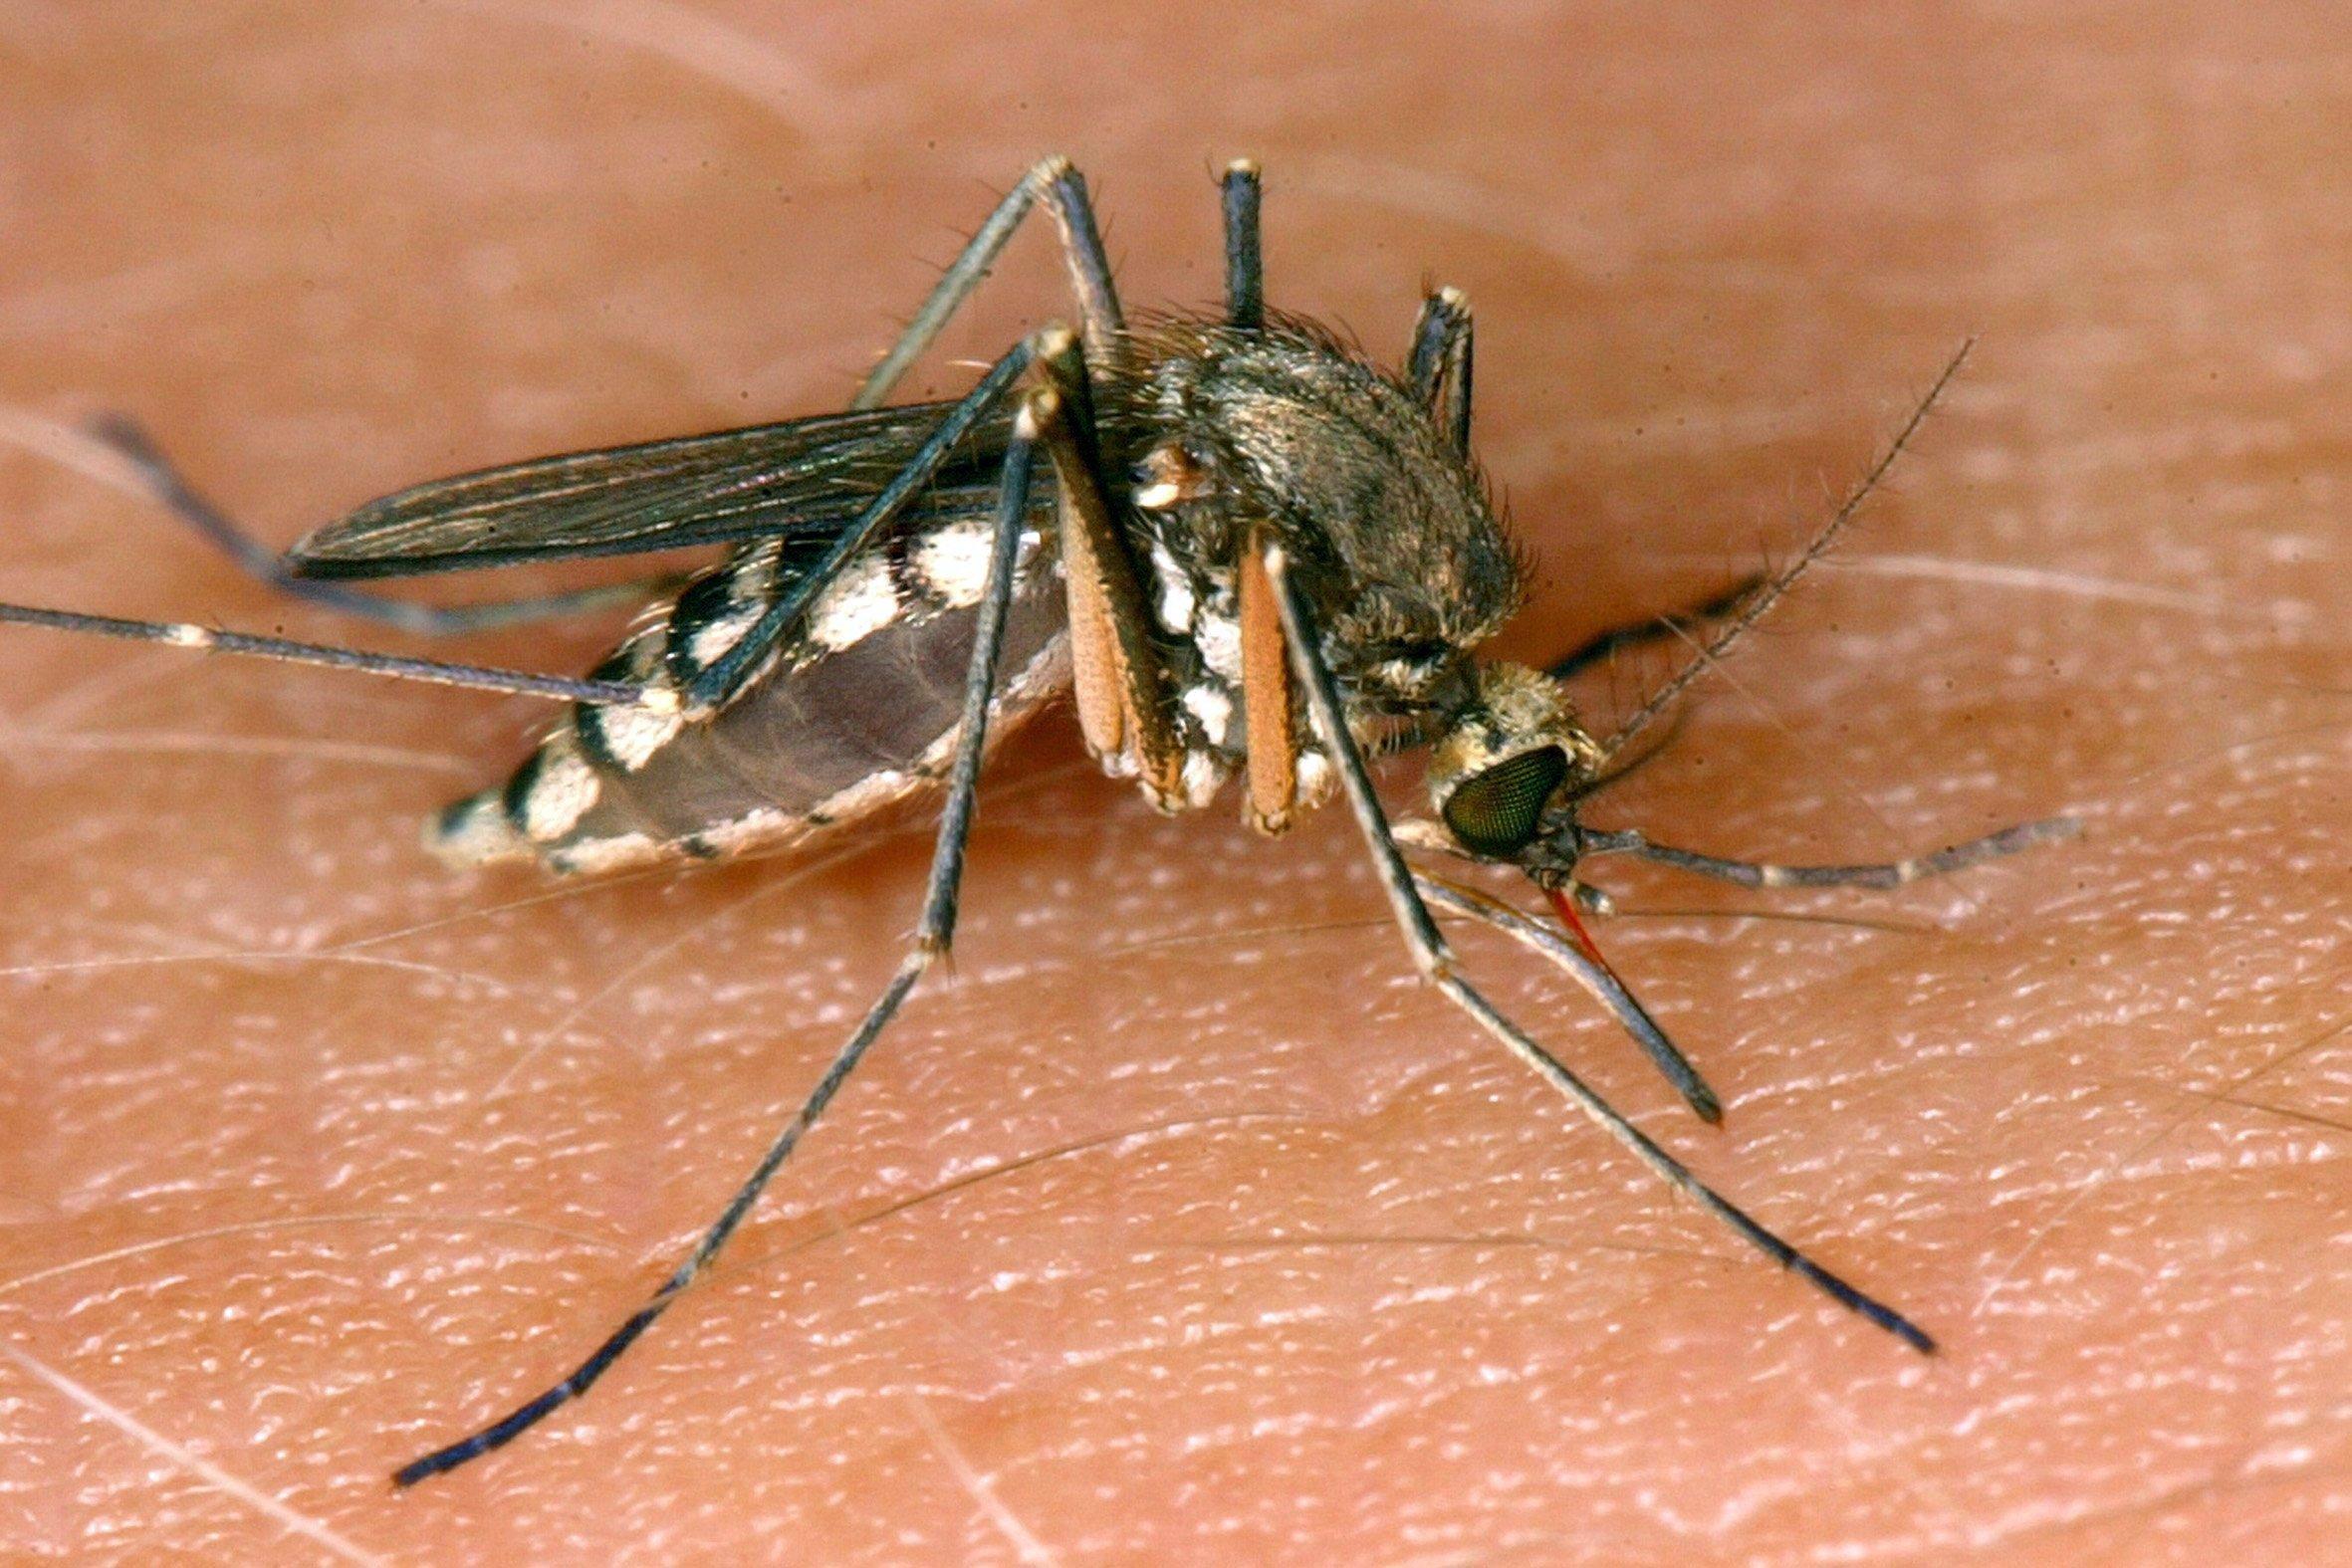 A hőség miatt annyival lustábbak lettek a szúnyogok, hogy le kellett állítani a légi irtást